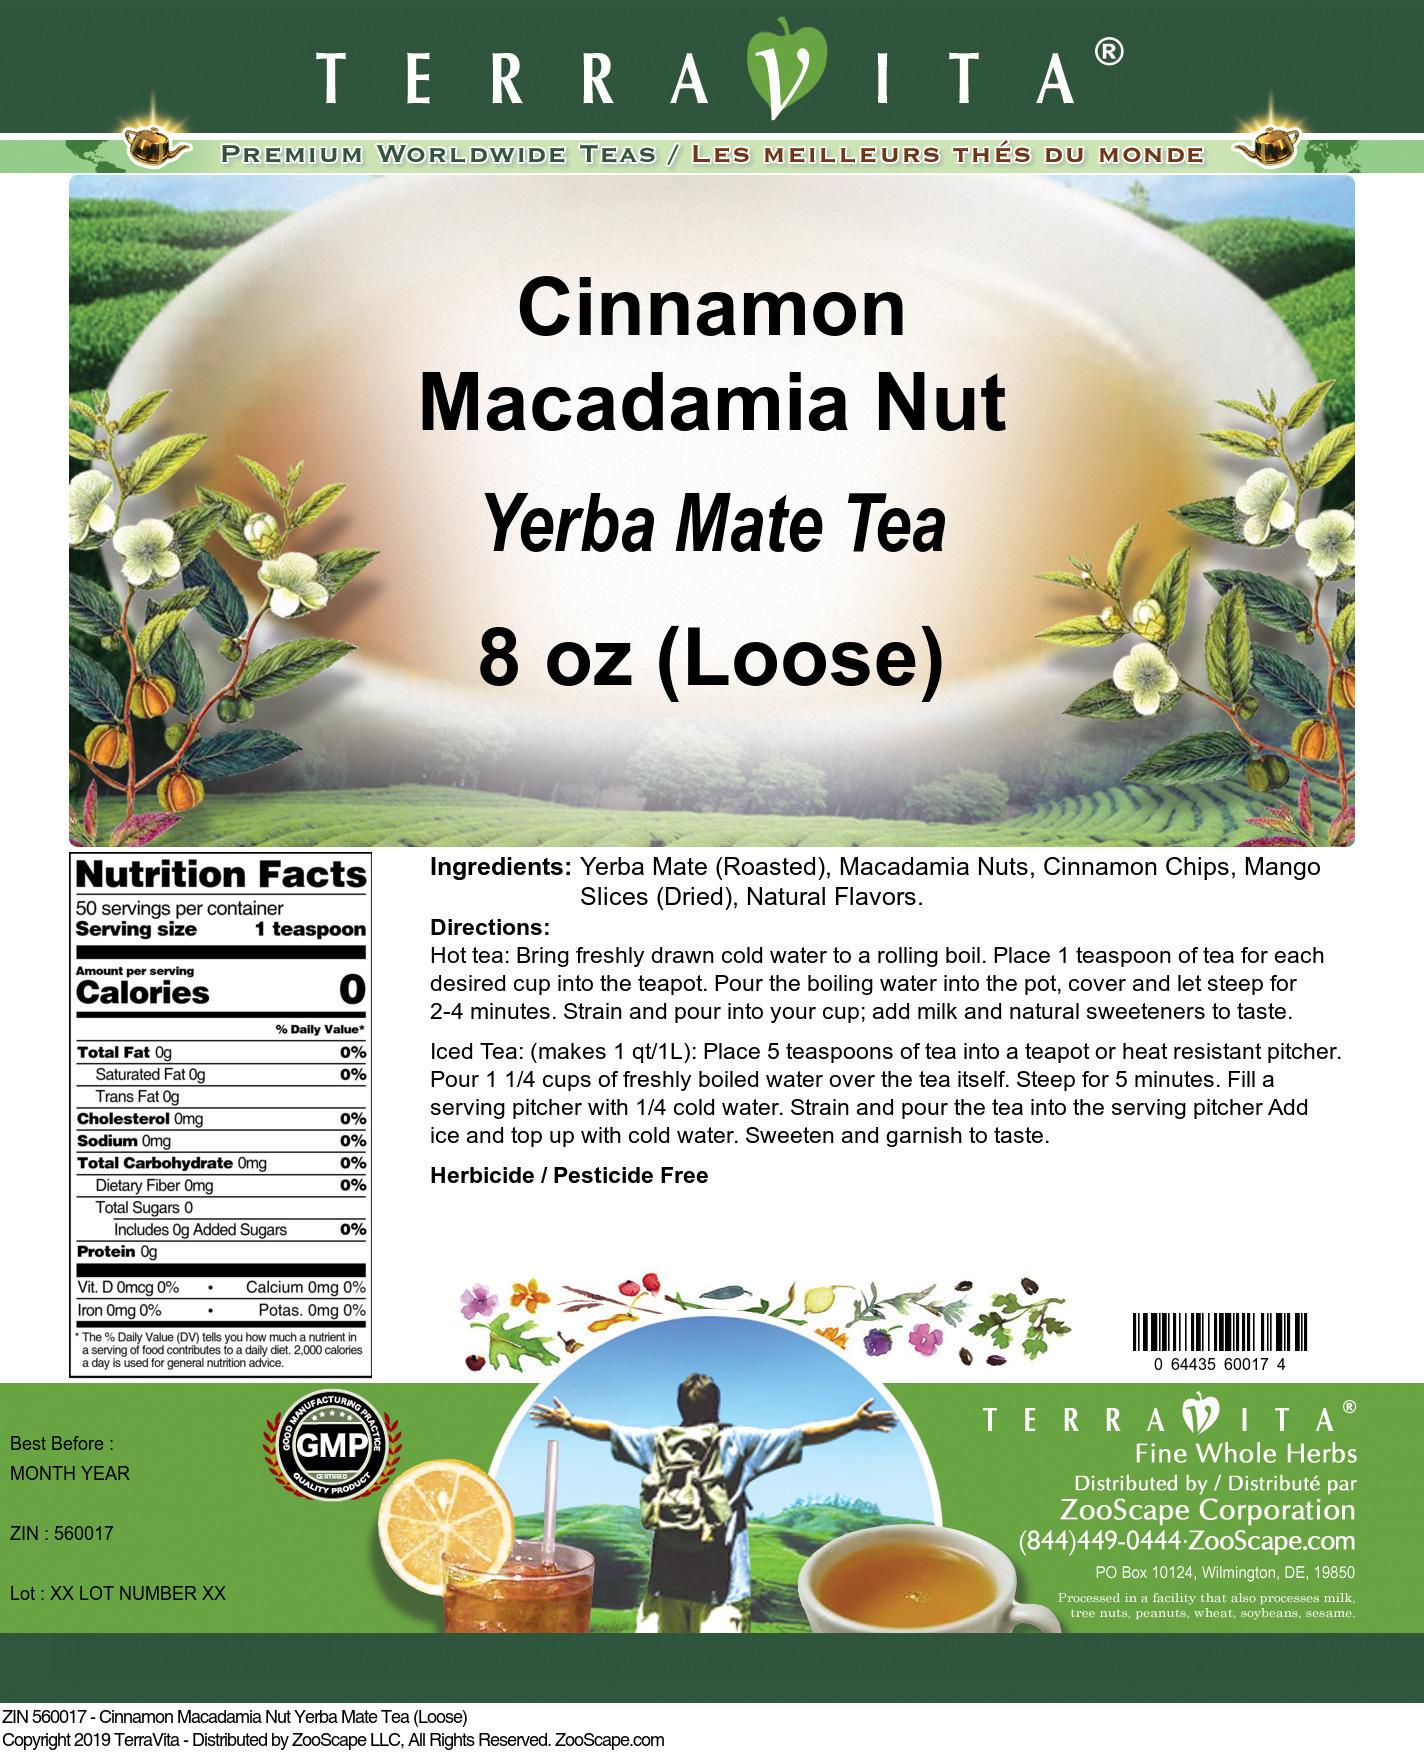 Cinnamon Macadamia Nut Yerba Mate Tea (Loose)